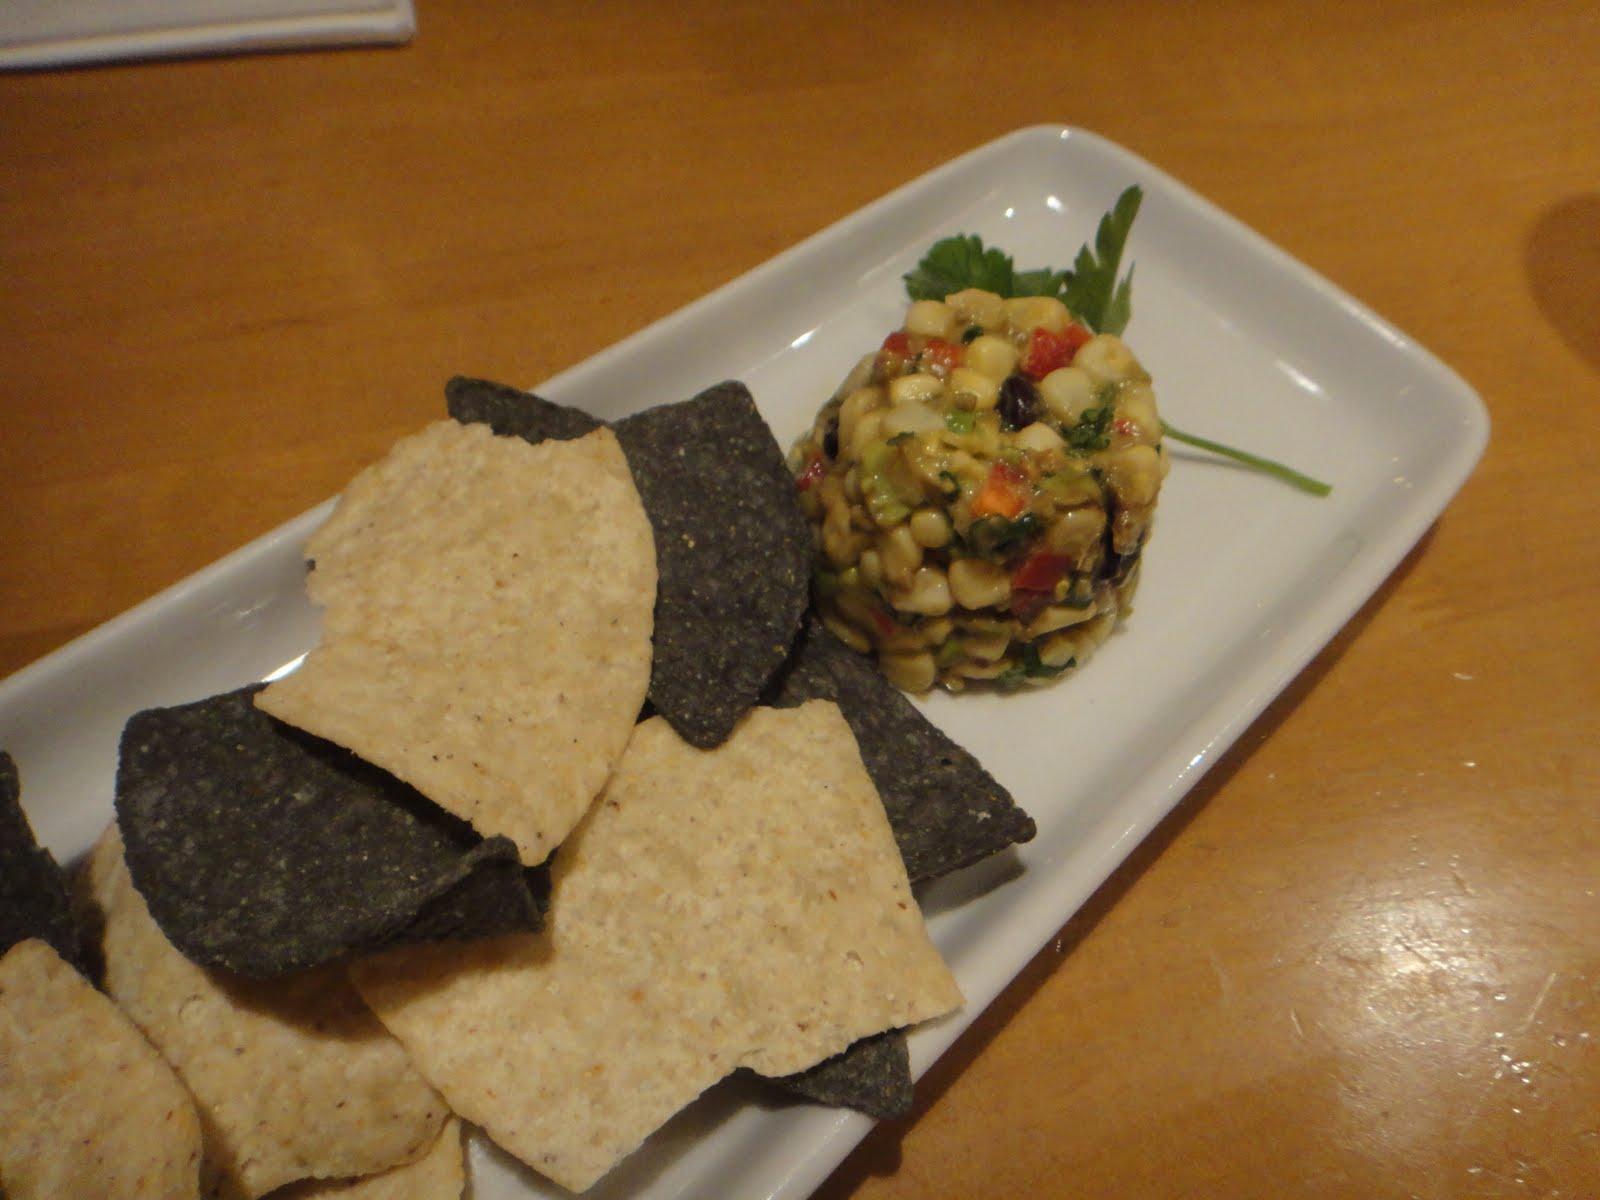 California Pizza Kitchen White Corn Guacamole Recipe